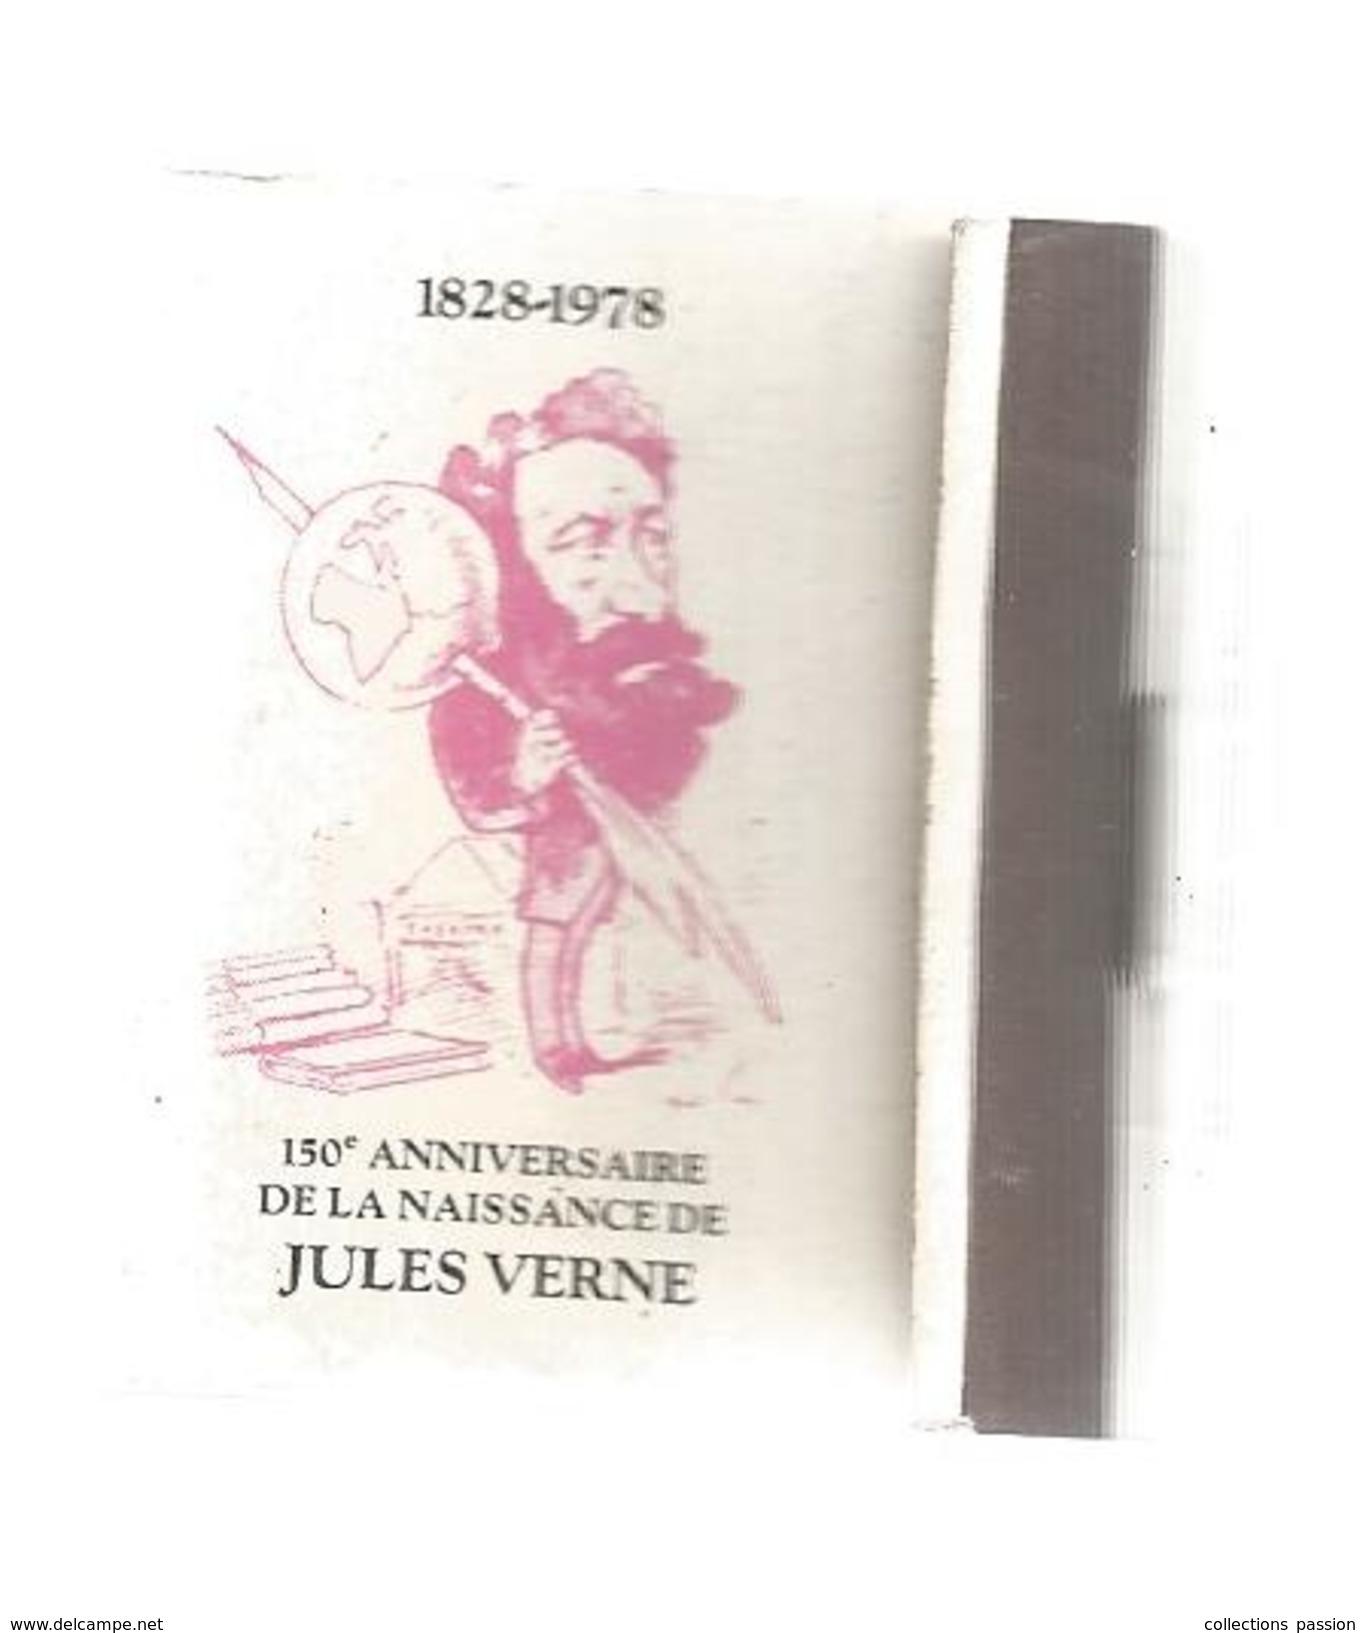 G-I-E, Tabac, Boites, Pochette D'ALLUMETTES,  Publicité, 2 Scans, 1828-1978, Jules VERNE - Matchbox Labels